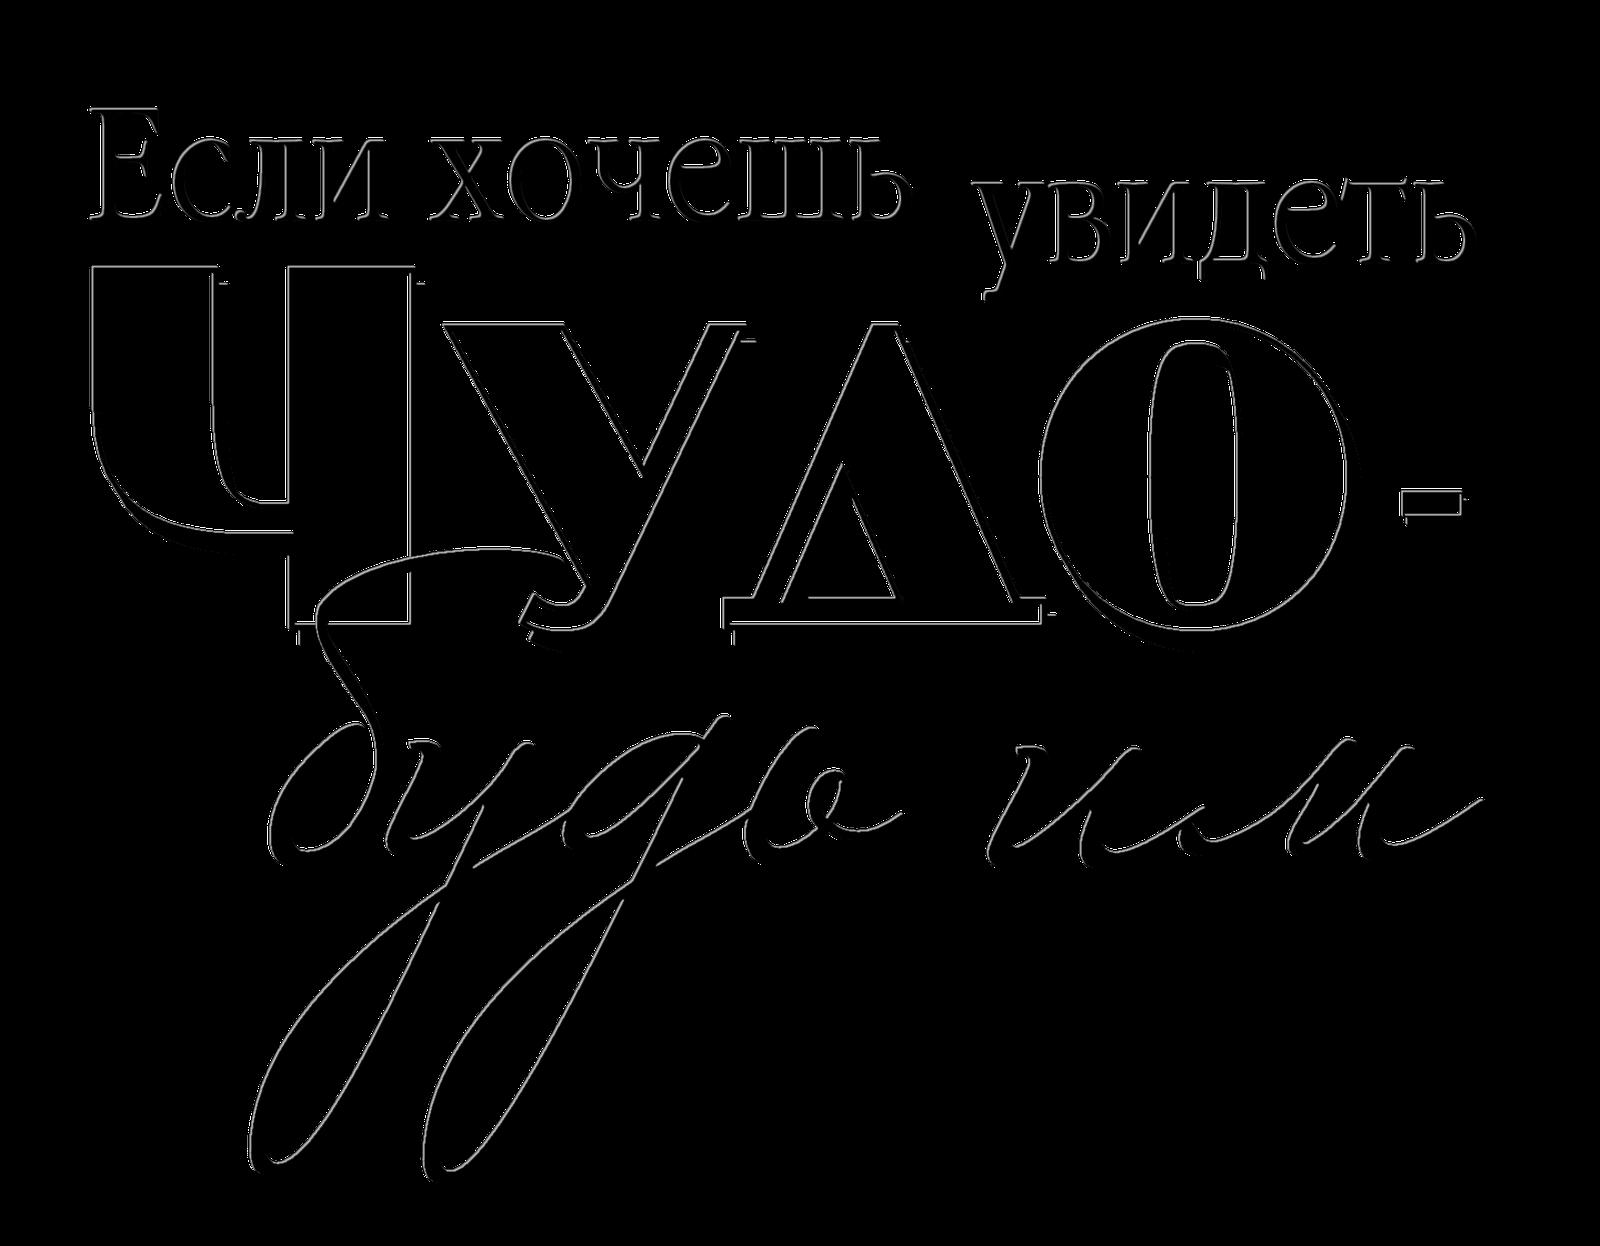 написать на картинке красивым шрифтом текст онлайн